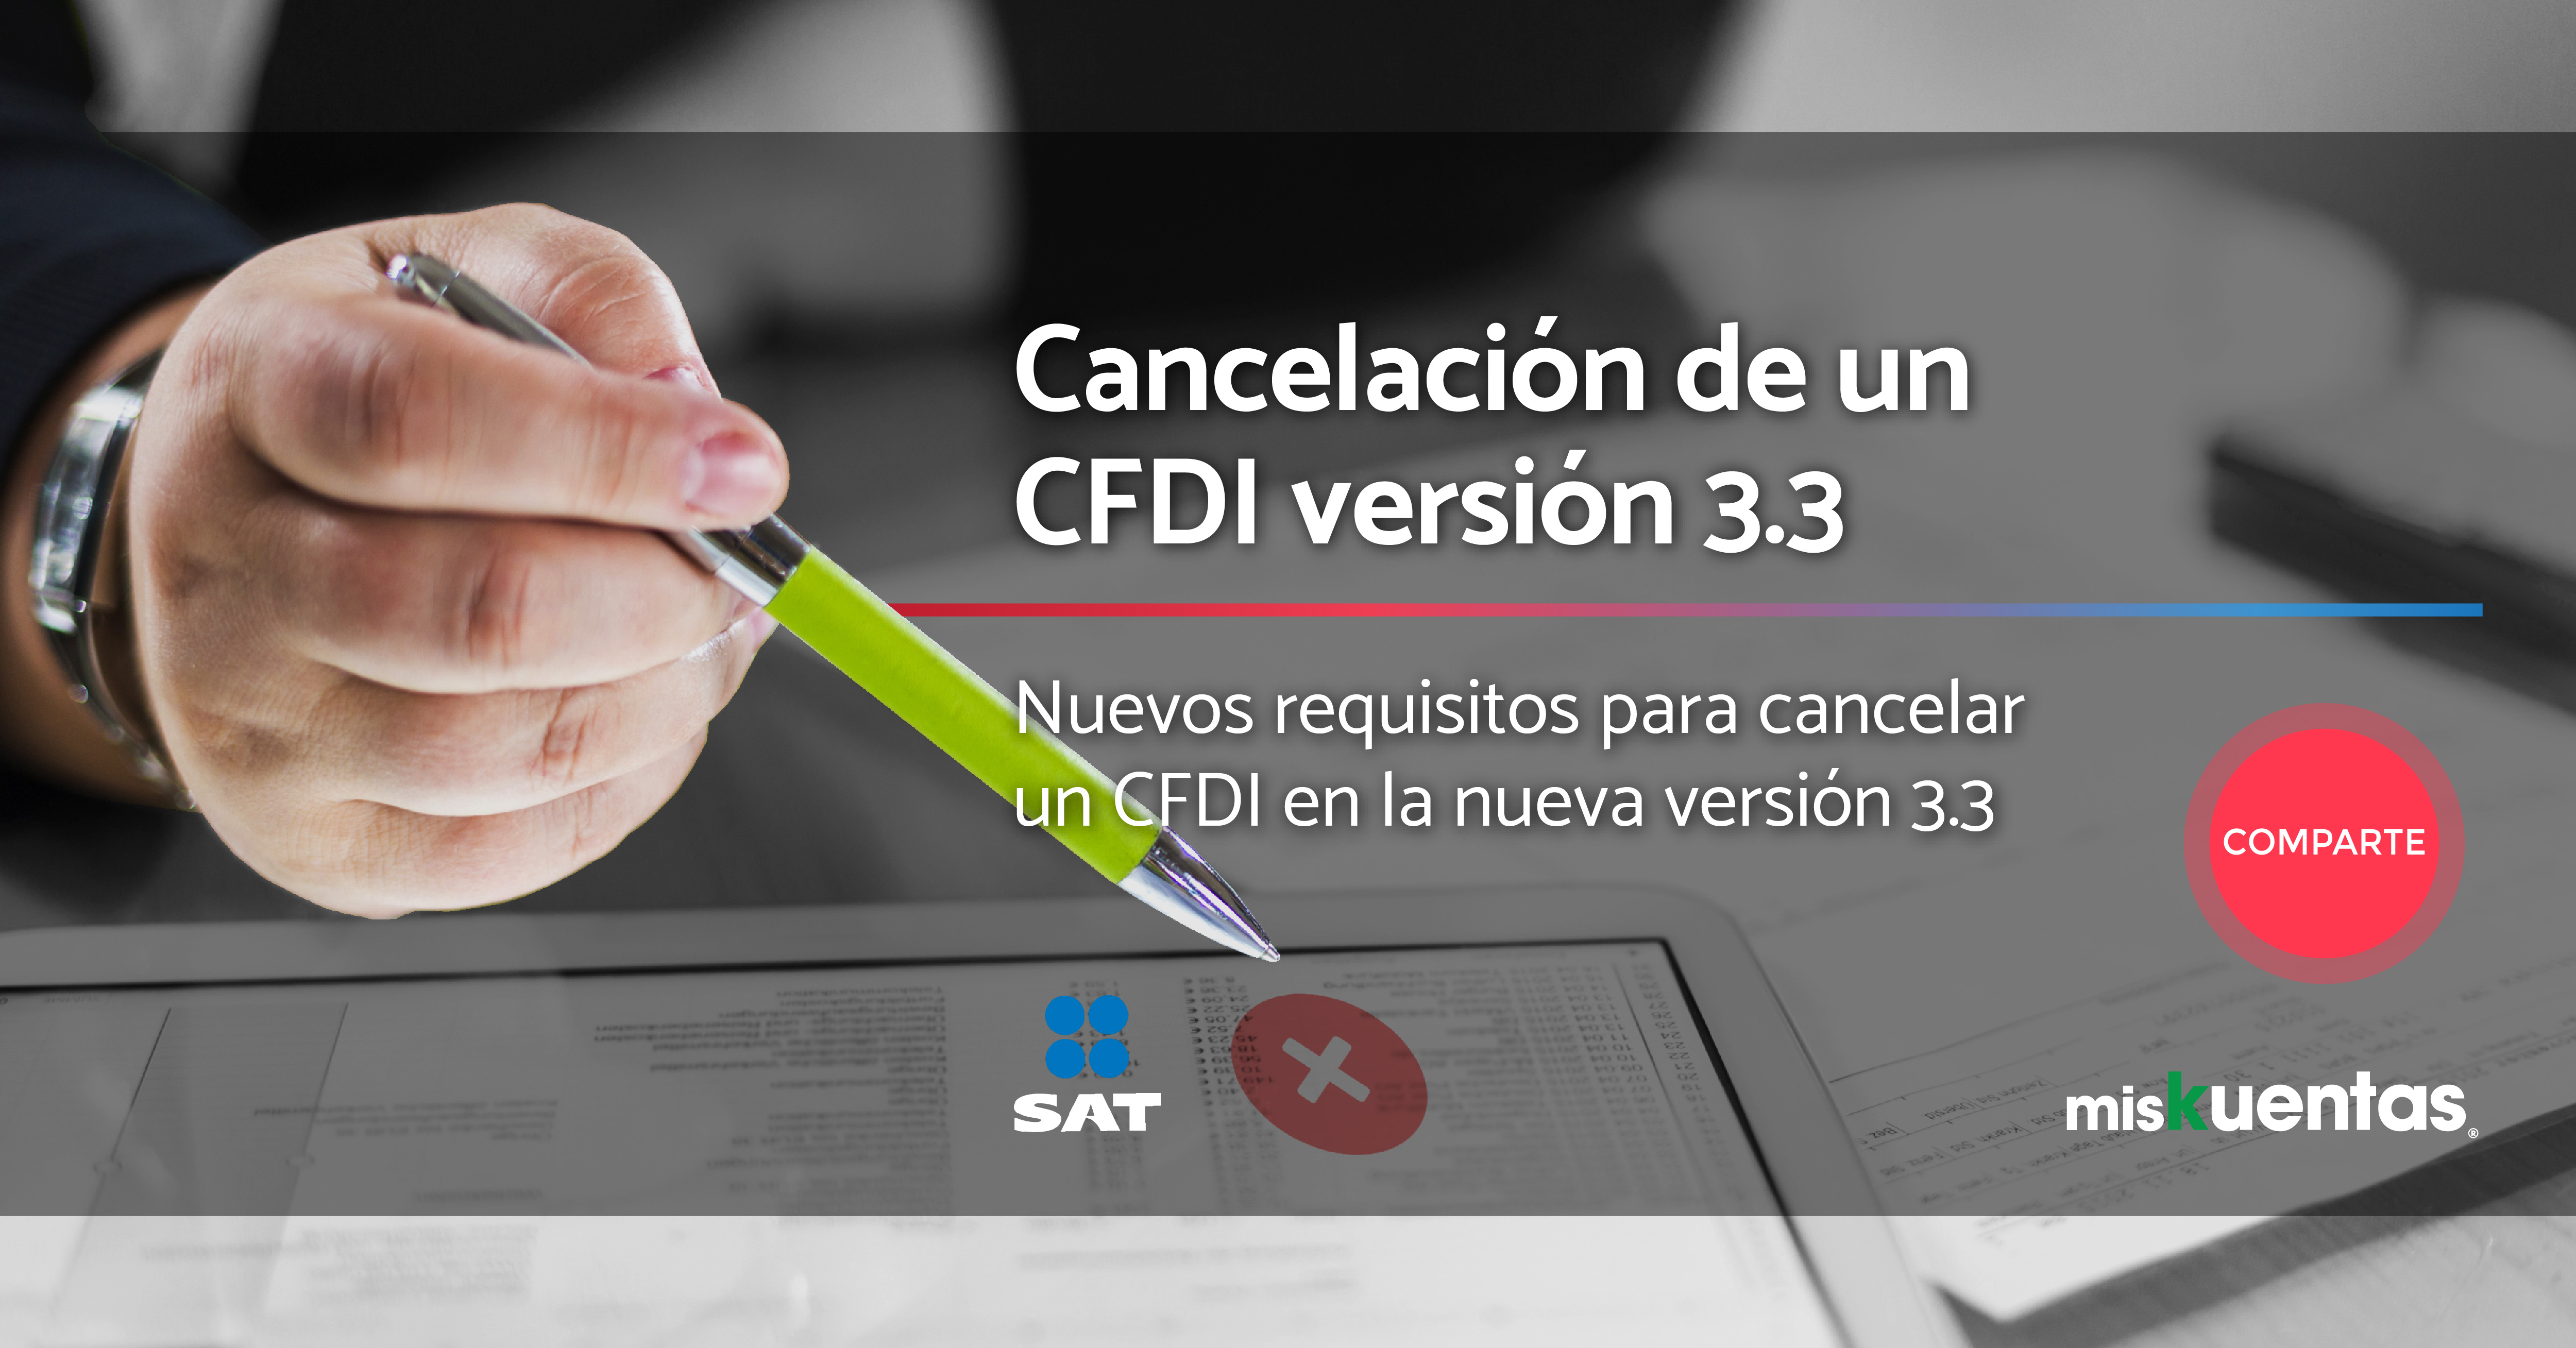 Nuevos requisNuevos requisitos para la cancelación de un CFDI versión 3.3, dentro de los lineamientos de la Resolución Miscelánea Fiscal; utilizando el buzón tributario